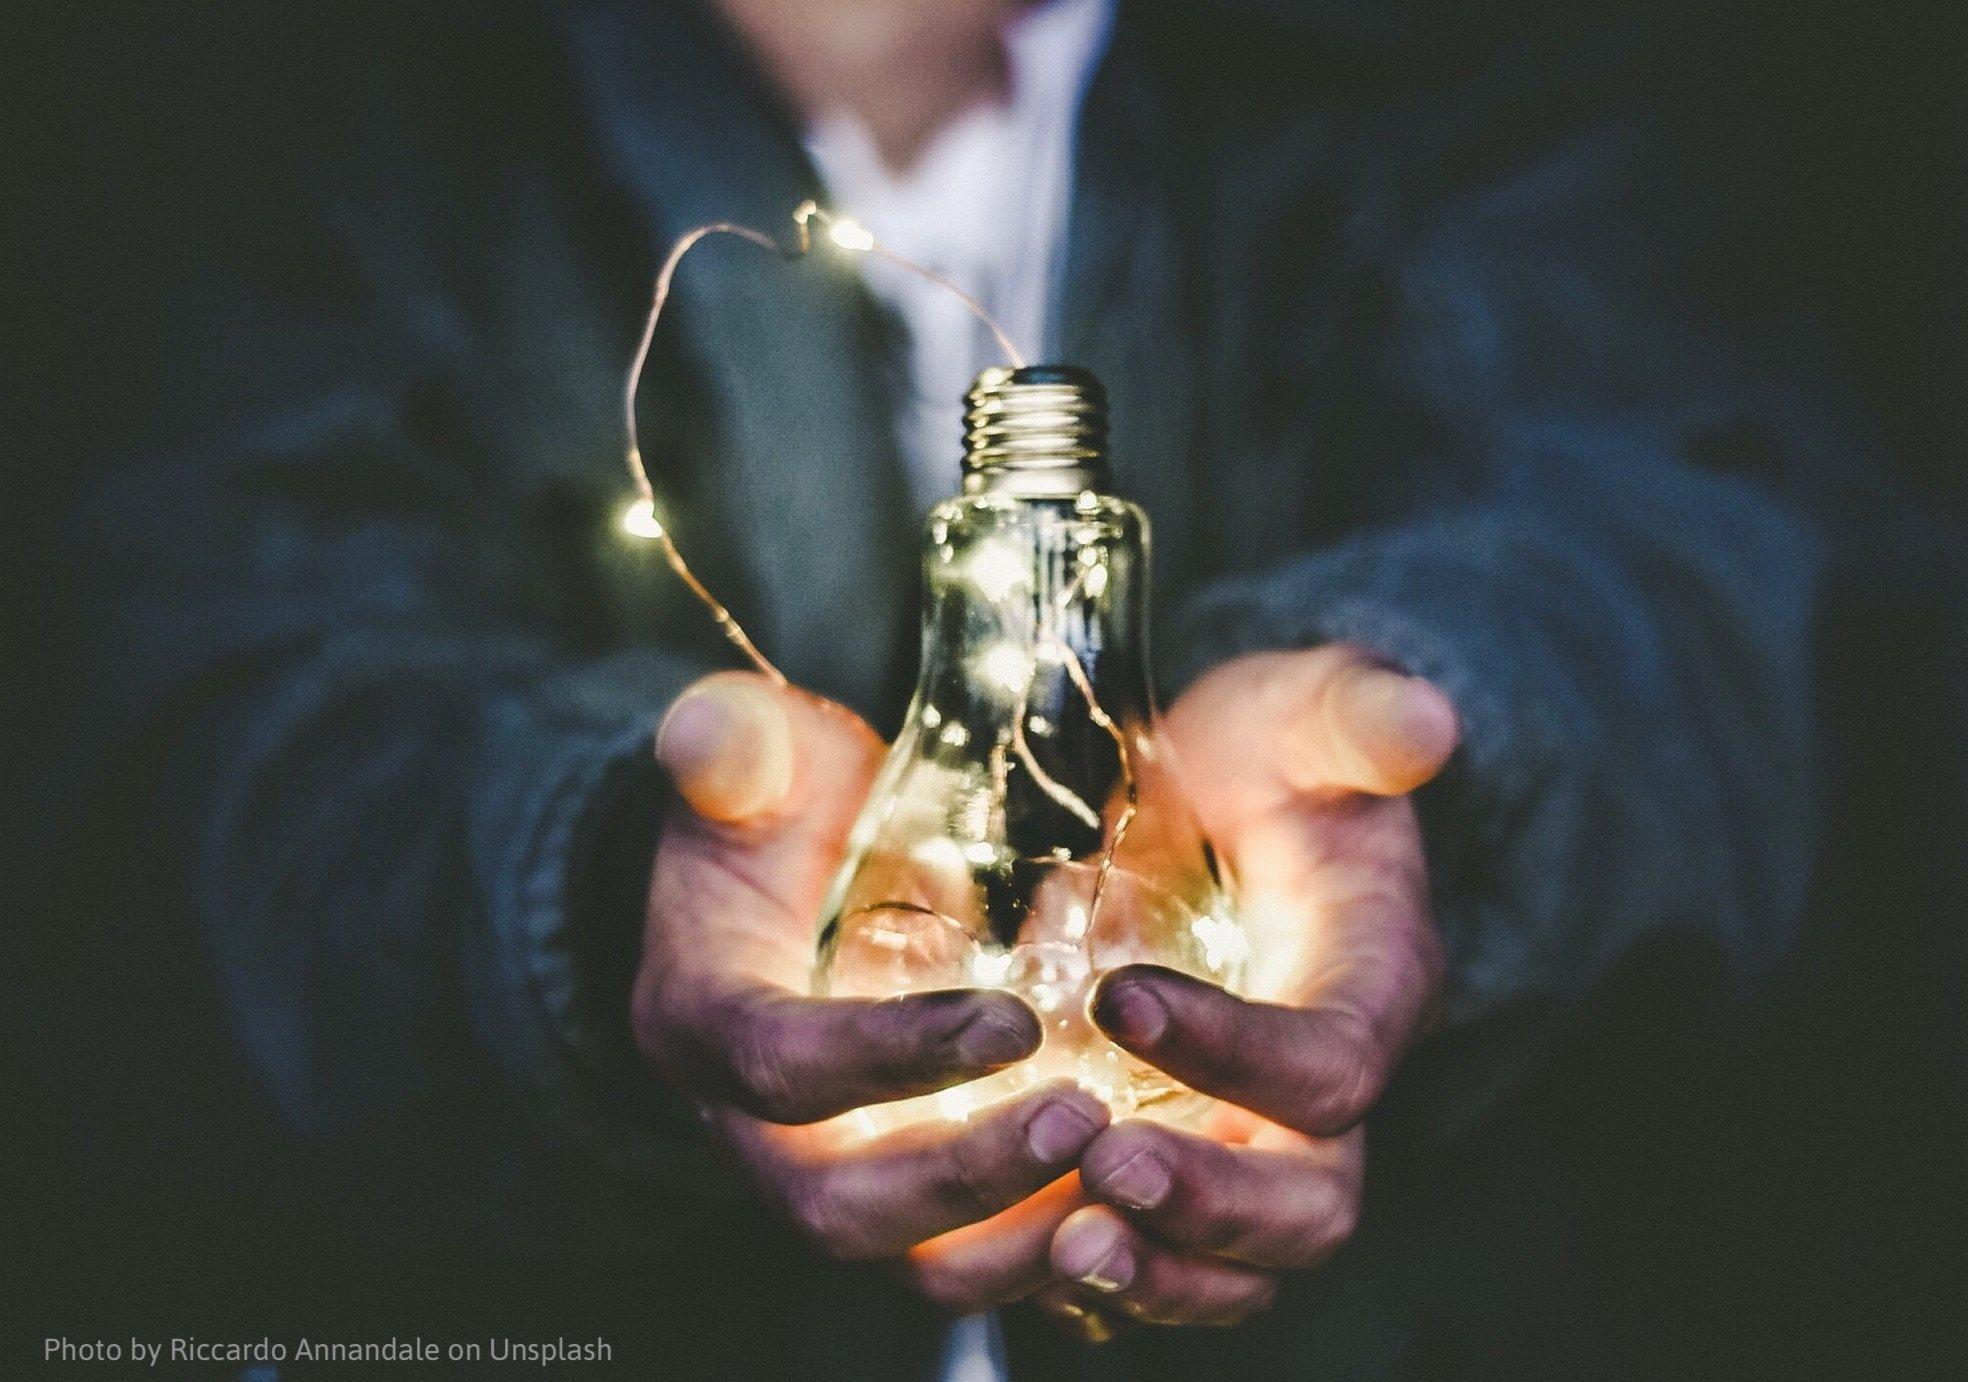 Hands holding light globe